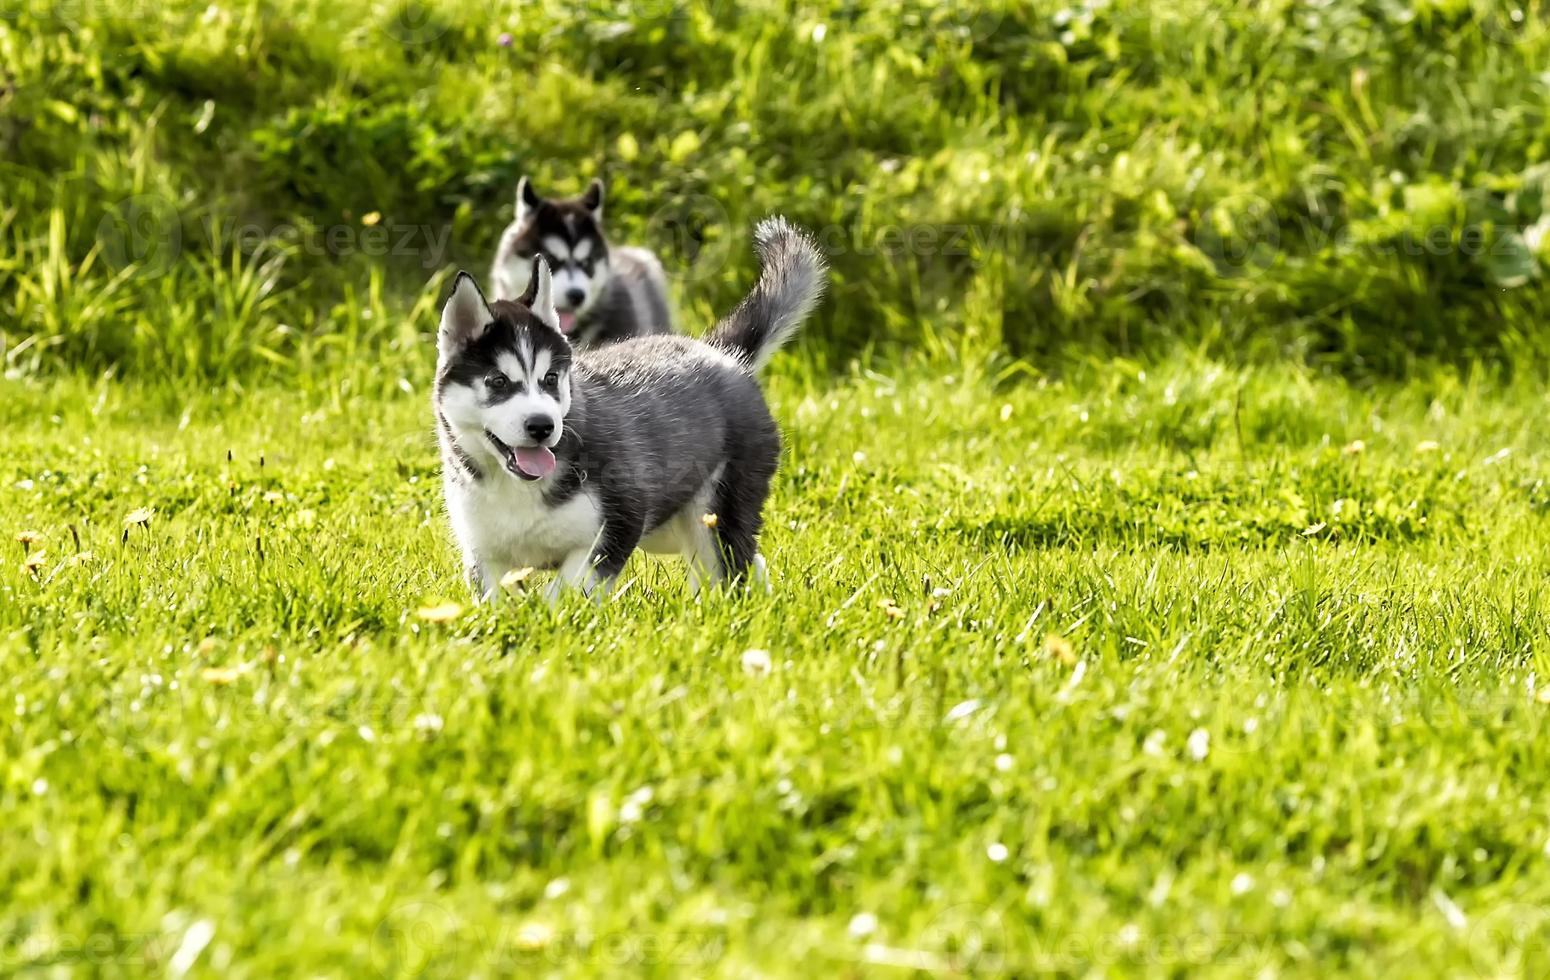 Dos cachorros husky jugando en el prado foto